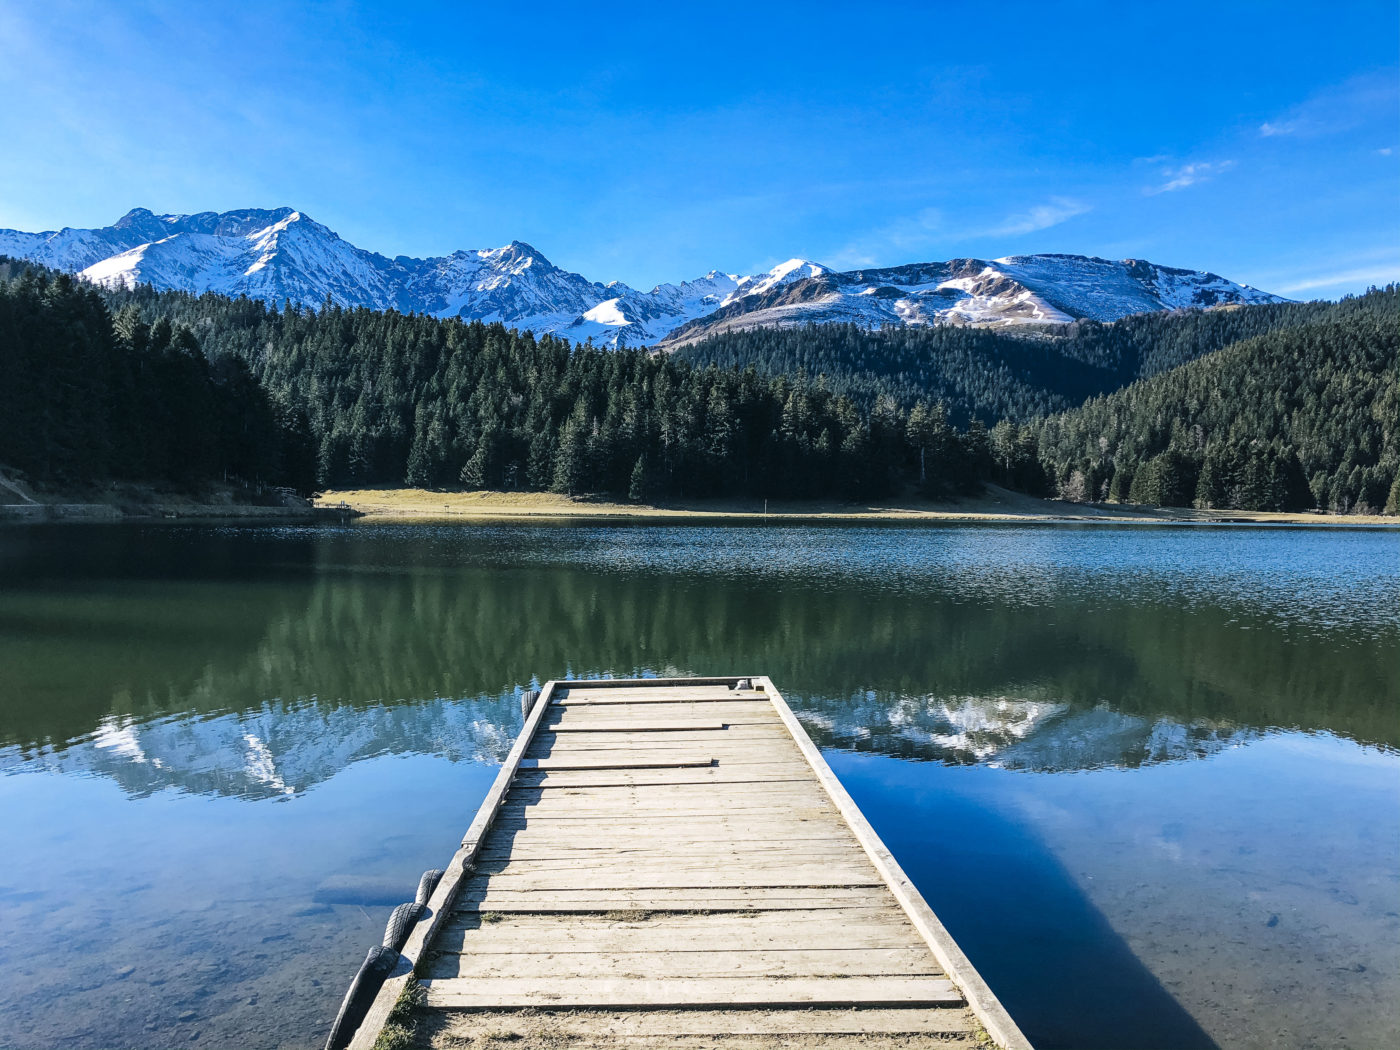 agence evenementielle receptive pays basque erronda seminaire team building incentive event la Mongie pyrénées lac de payolle